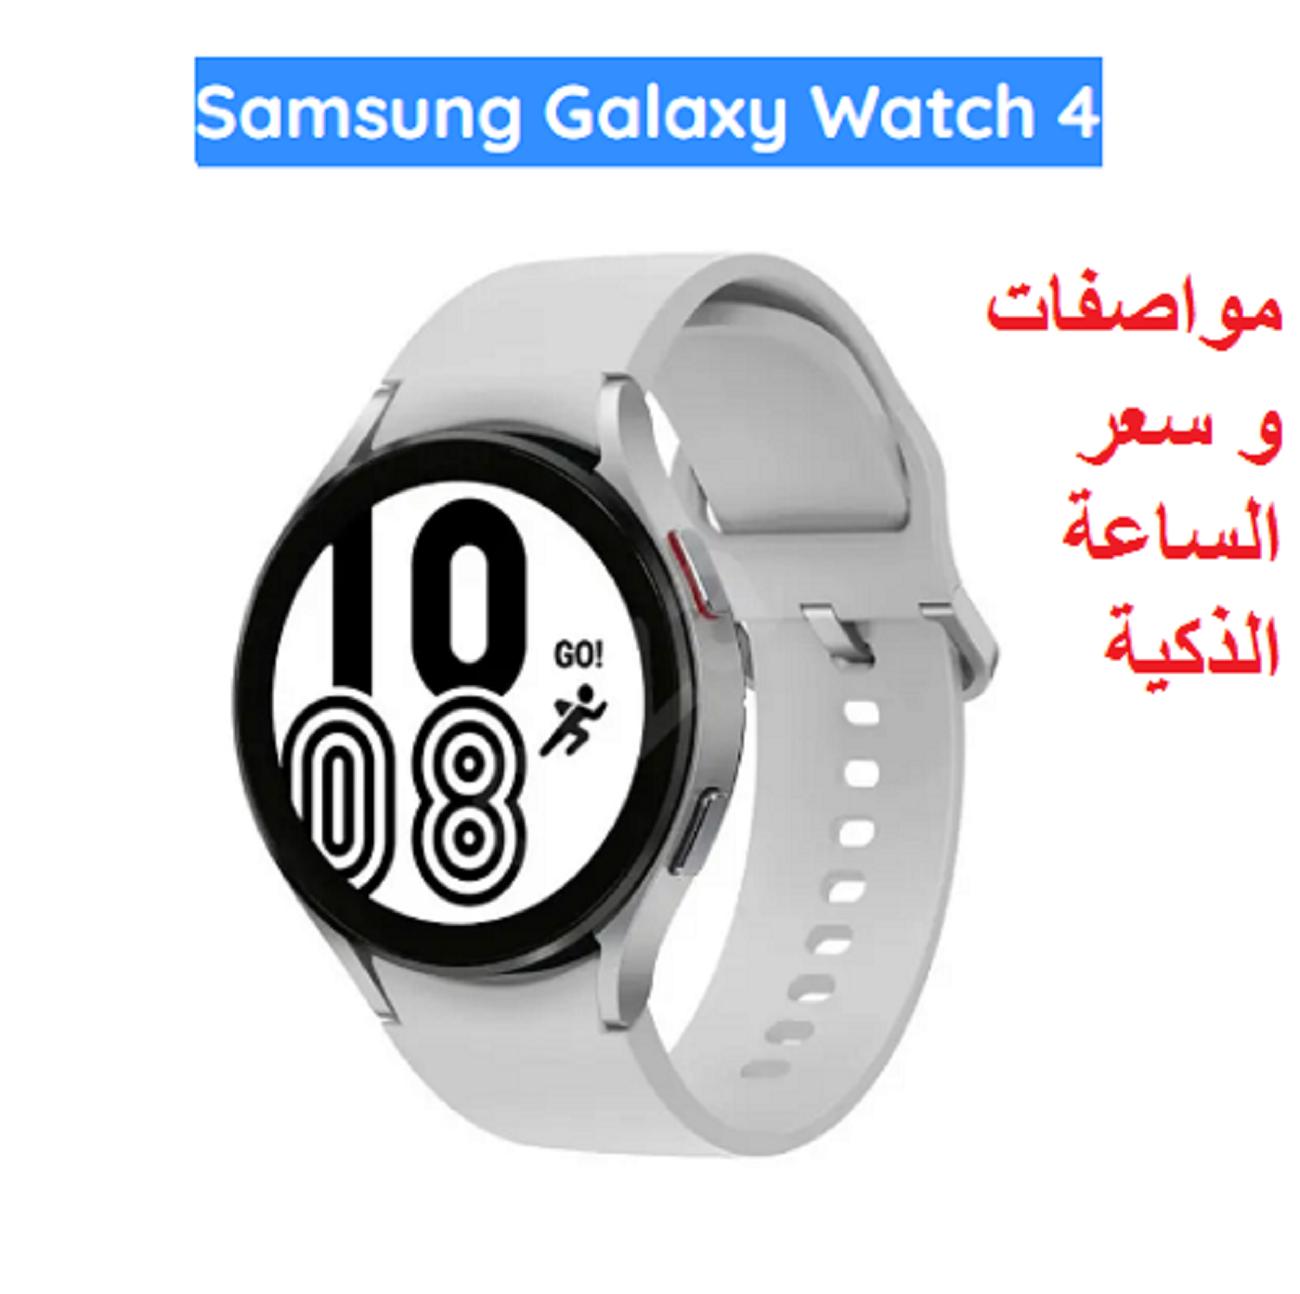 شركة سامسونج تُقدم ساعاتها الذكية samsung galaxy watch 4